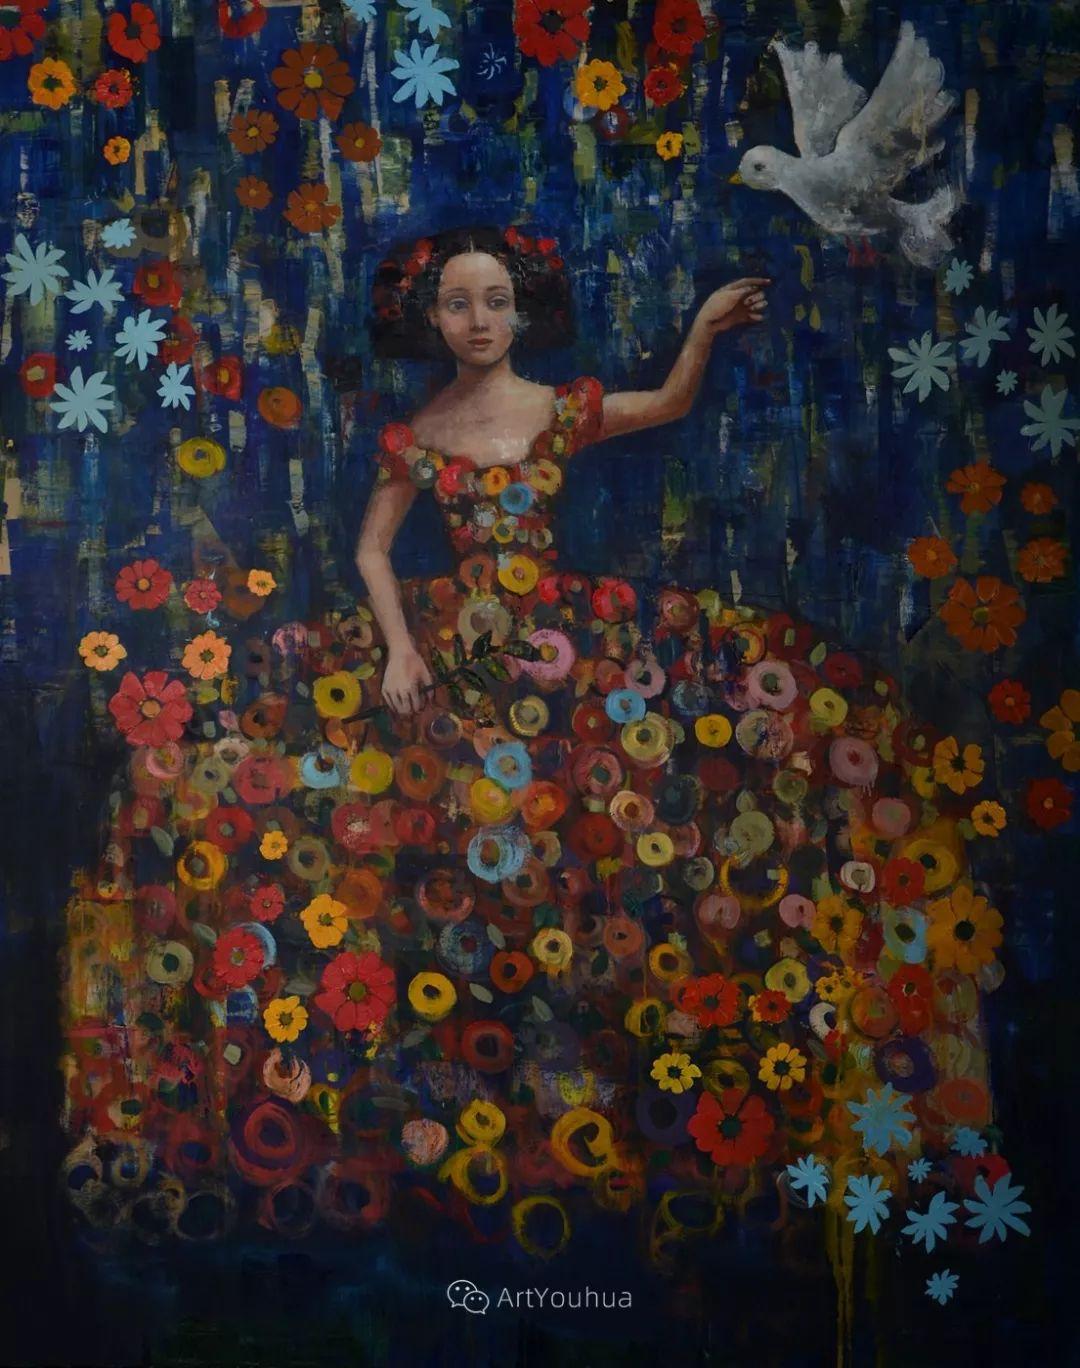 俏皮的具象,热情的色彩,美籍韩裔艺术家Rimi Yang插图17